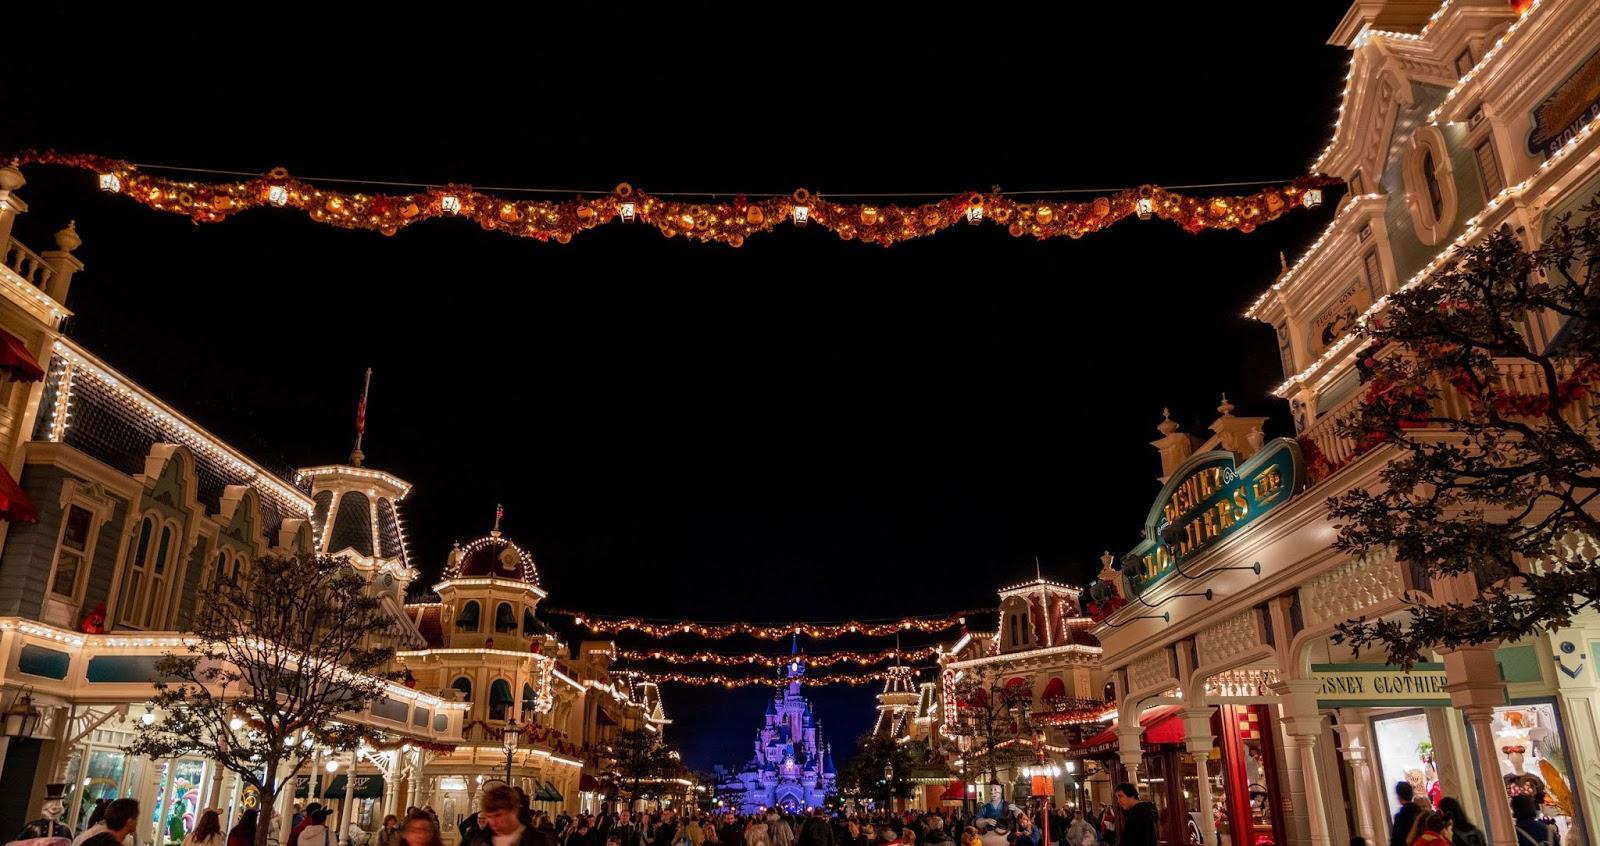 Main Street at night during Halloween season, Disneyland Paris